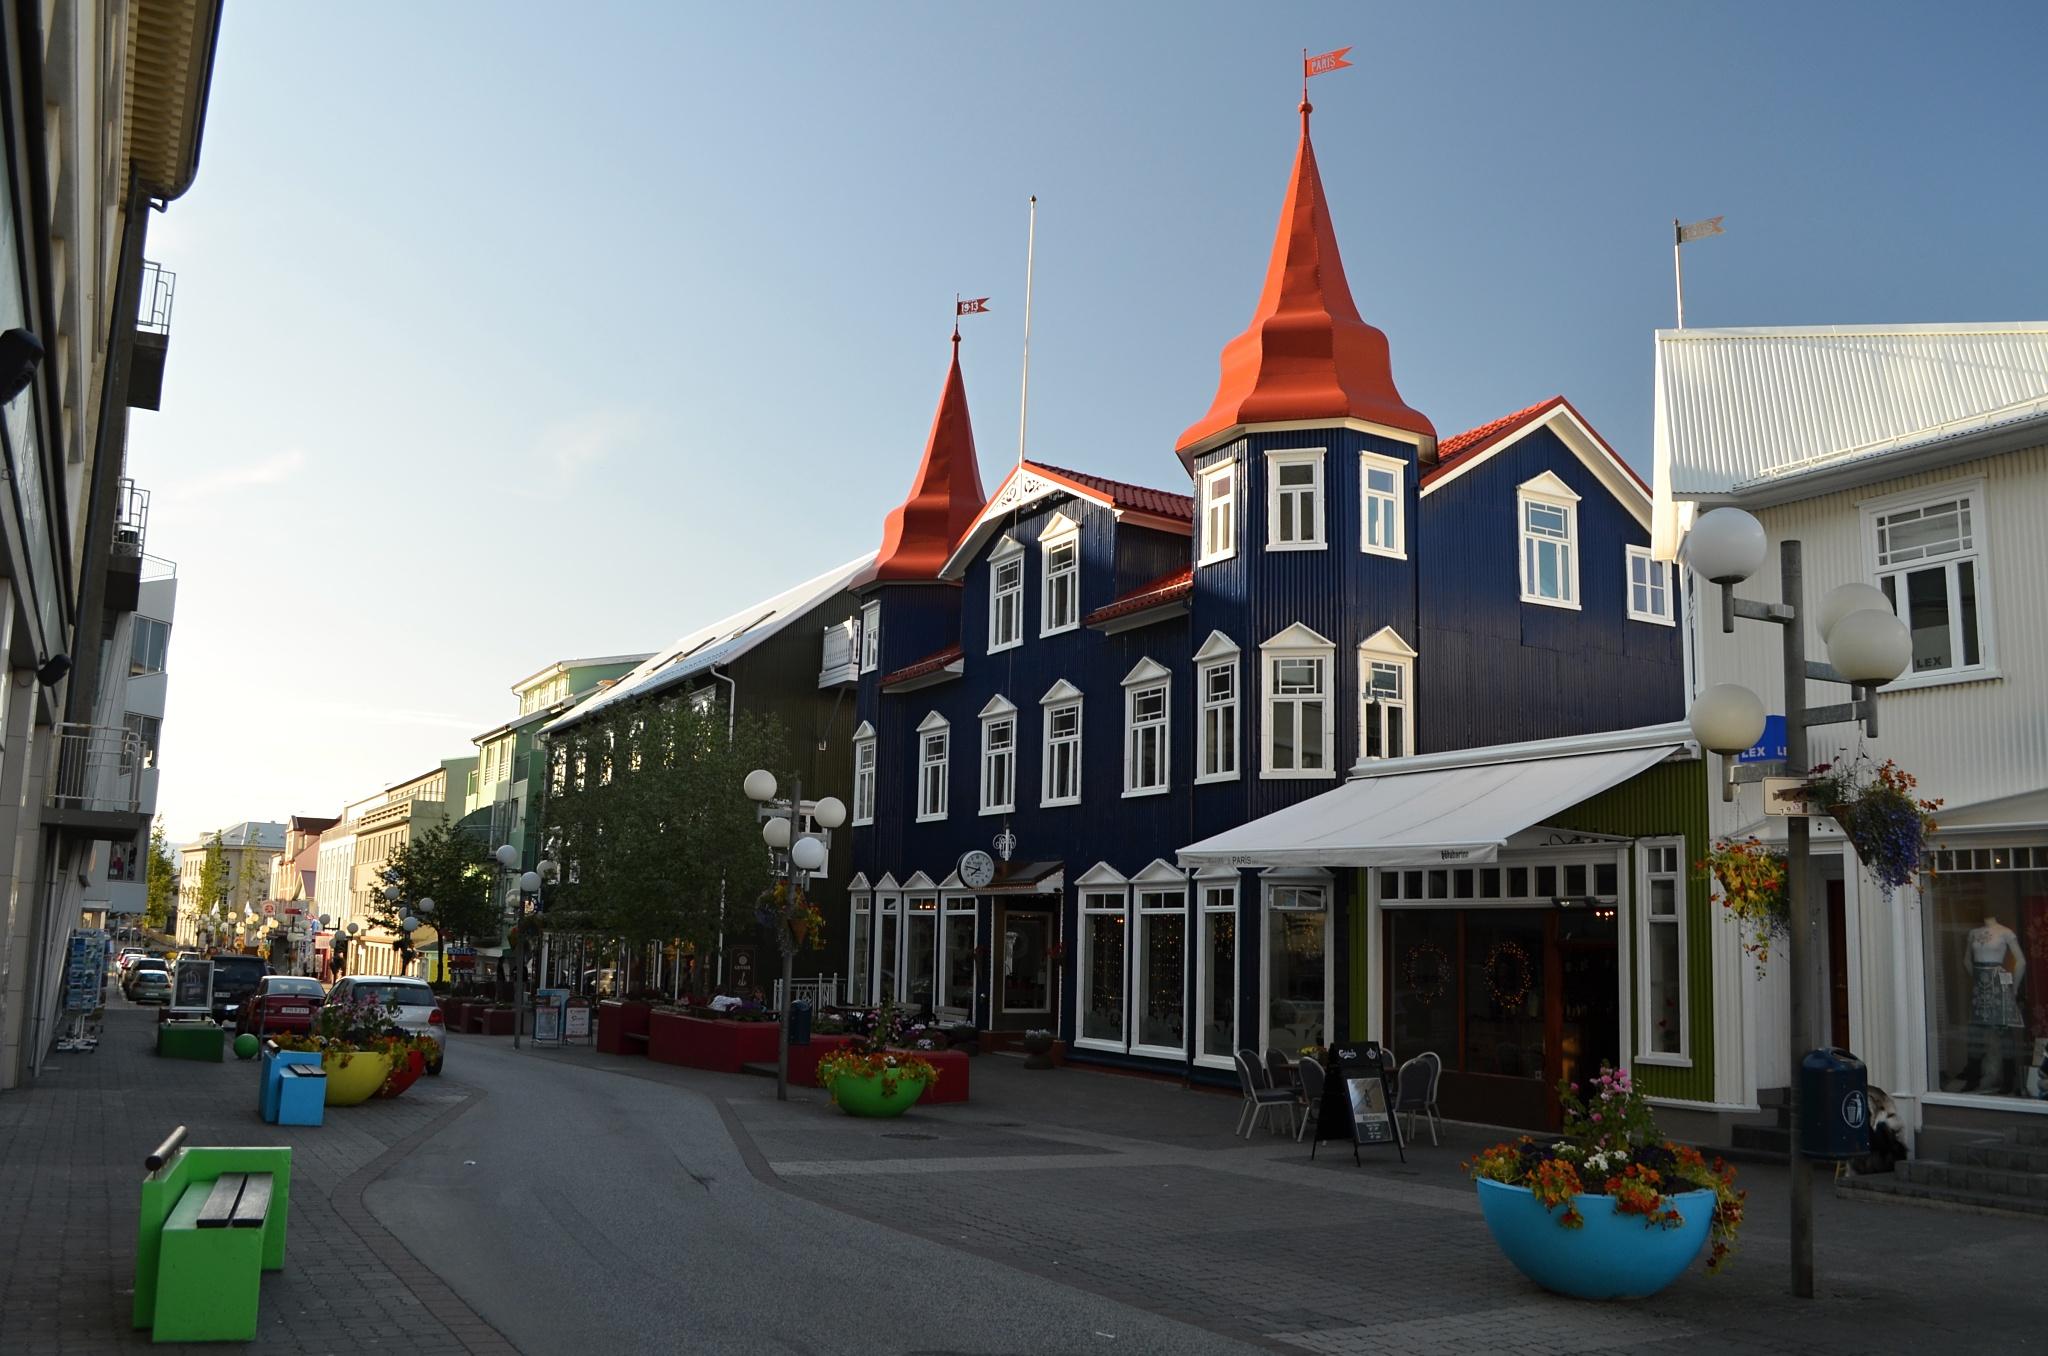 Pohled na ulici Hafnarstræti v Akureyri